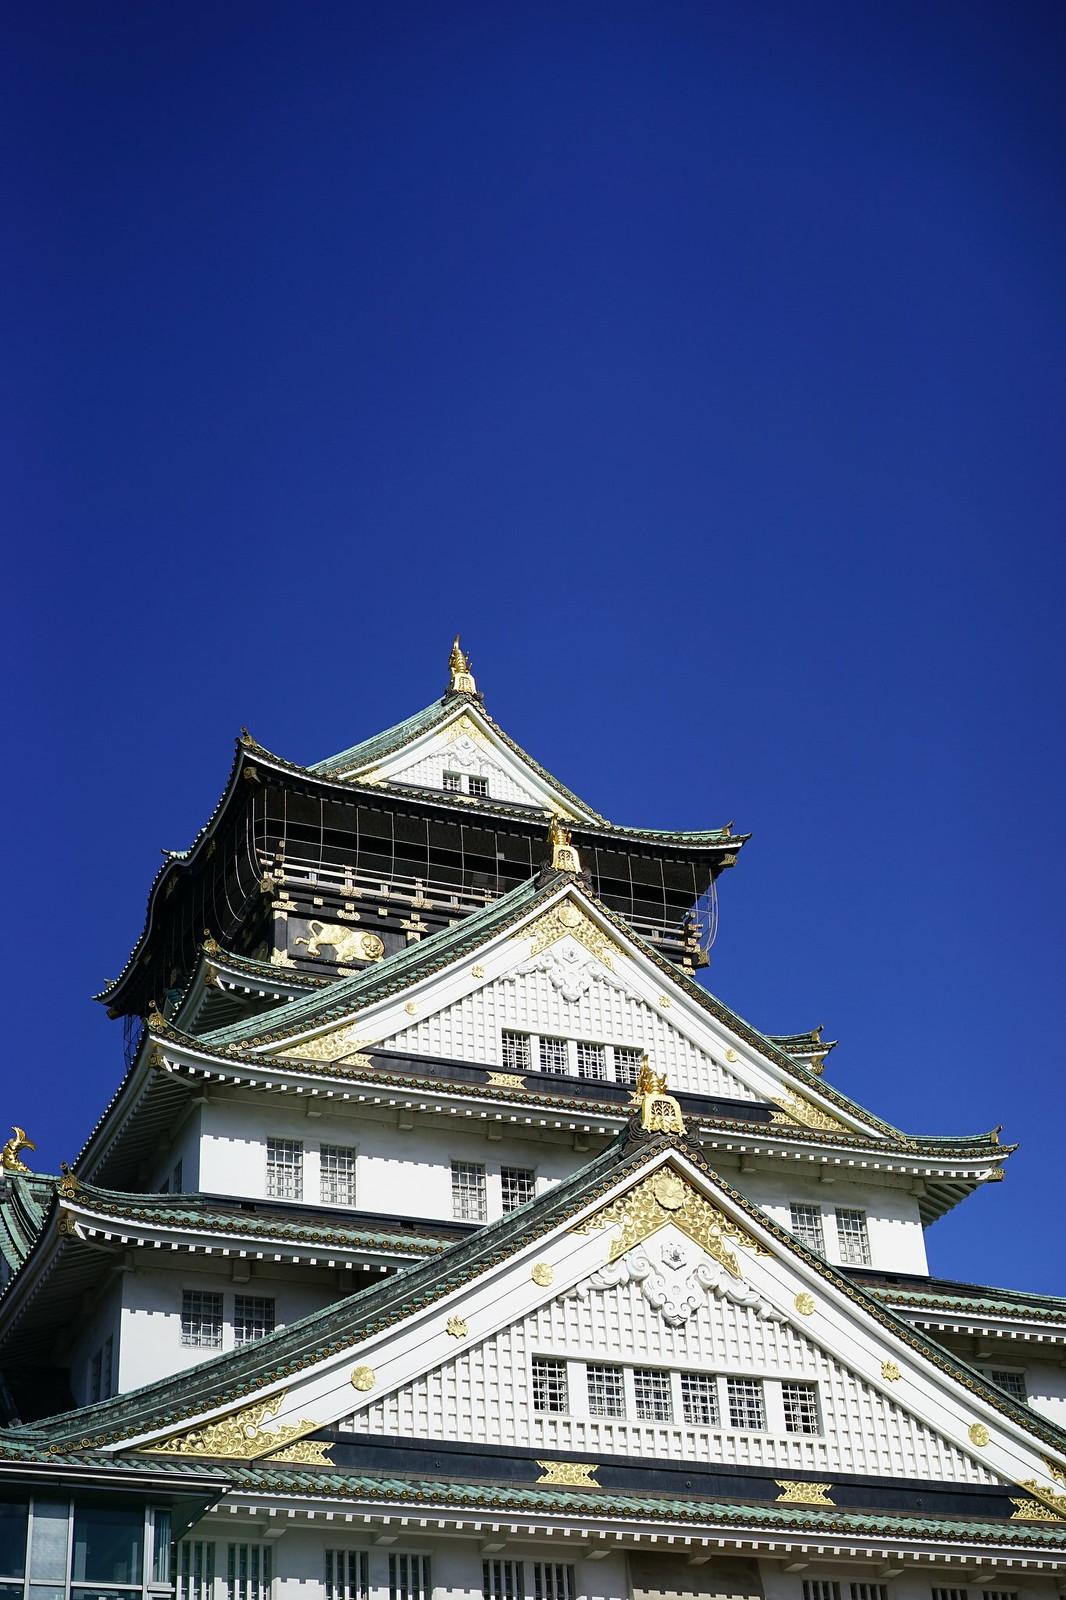 Osaka-jo Castle #1